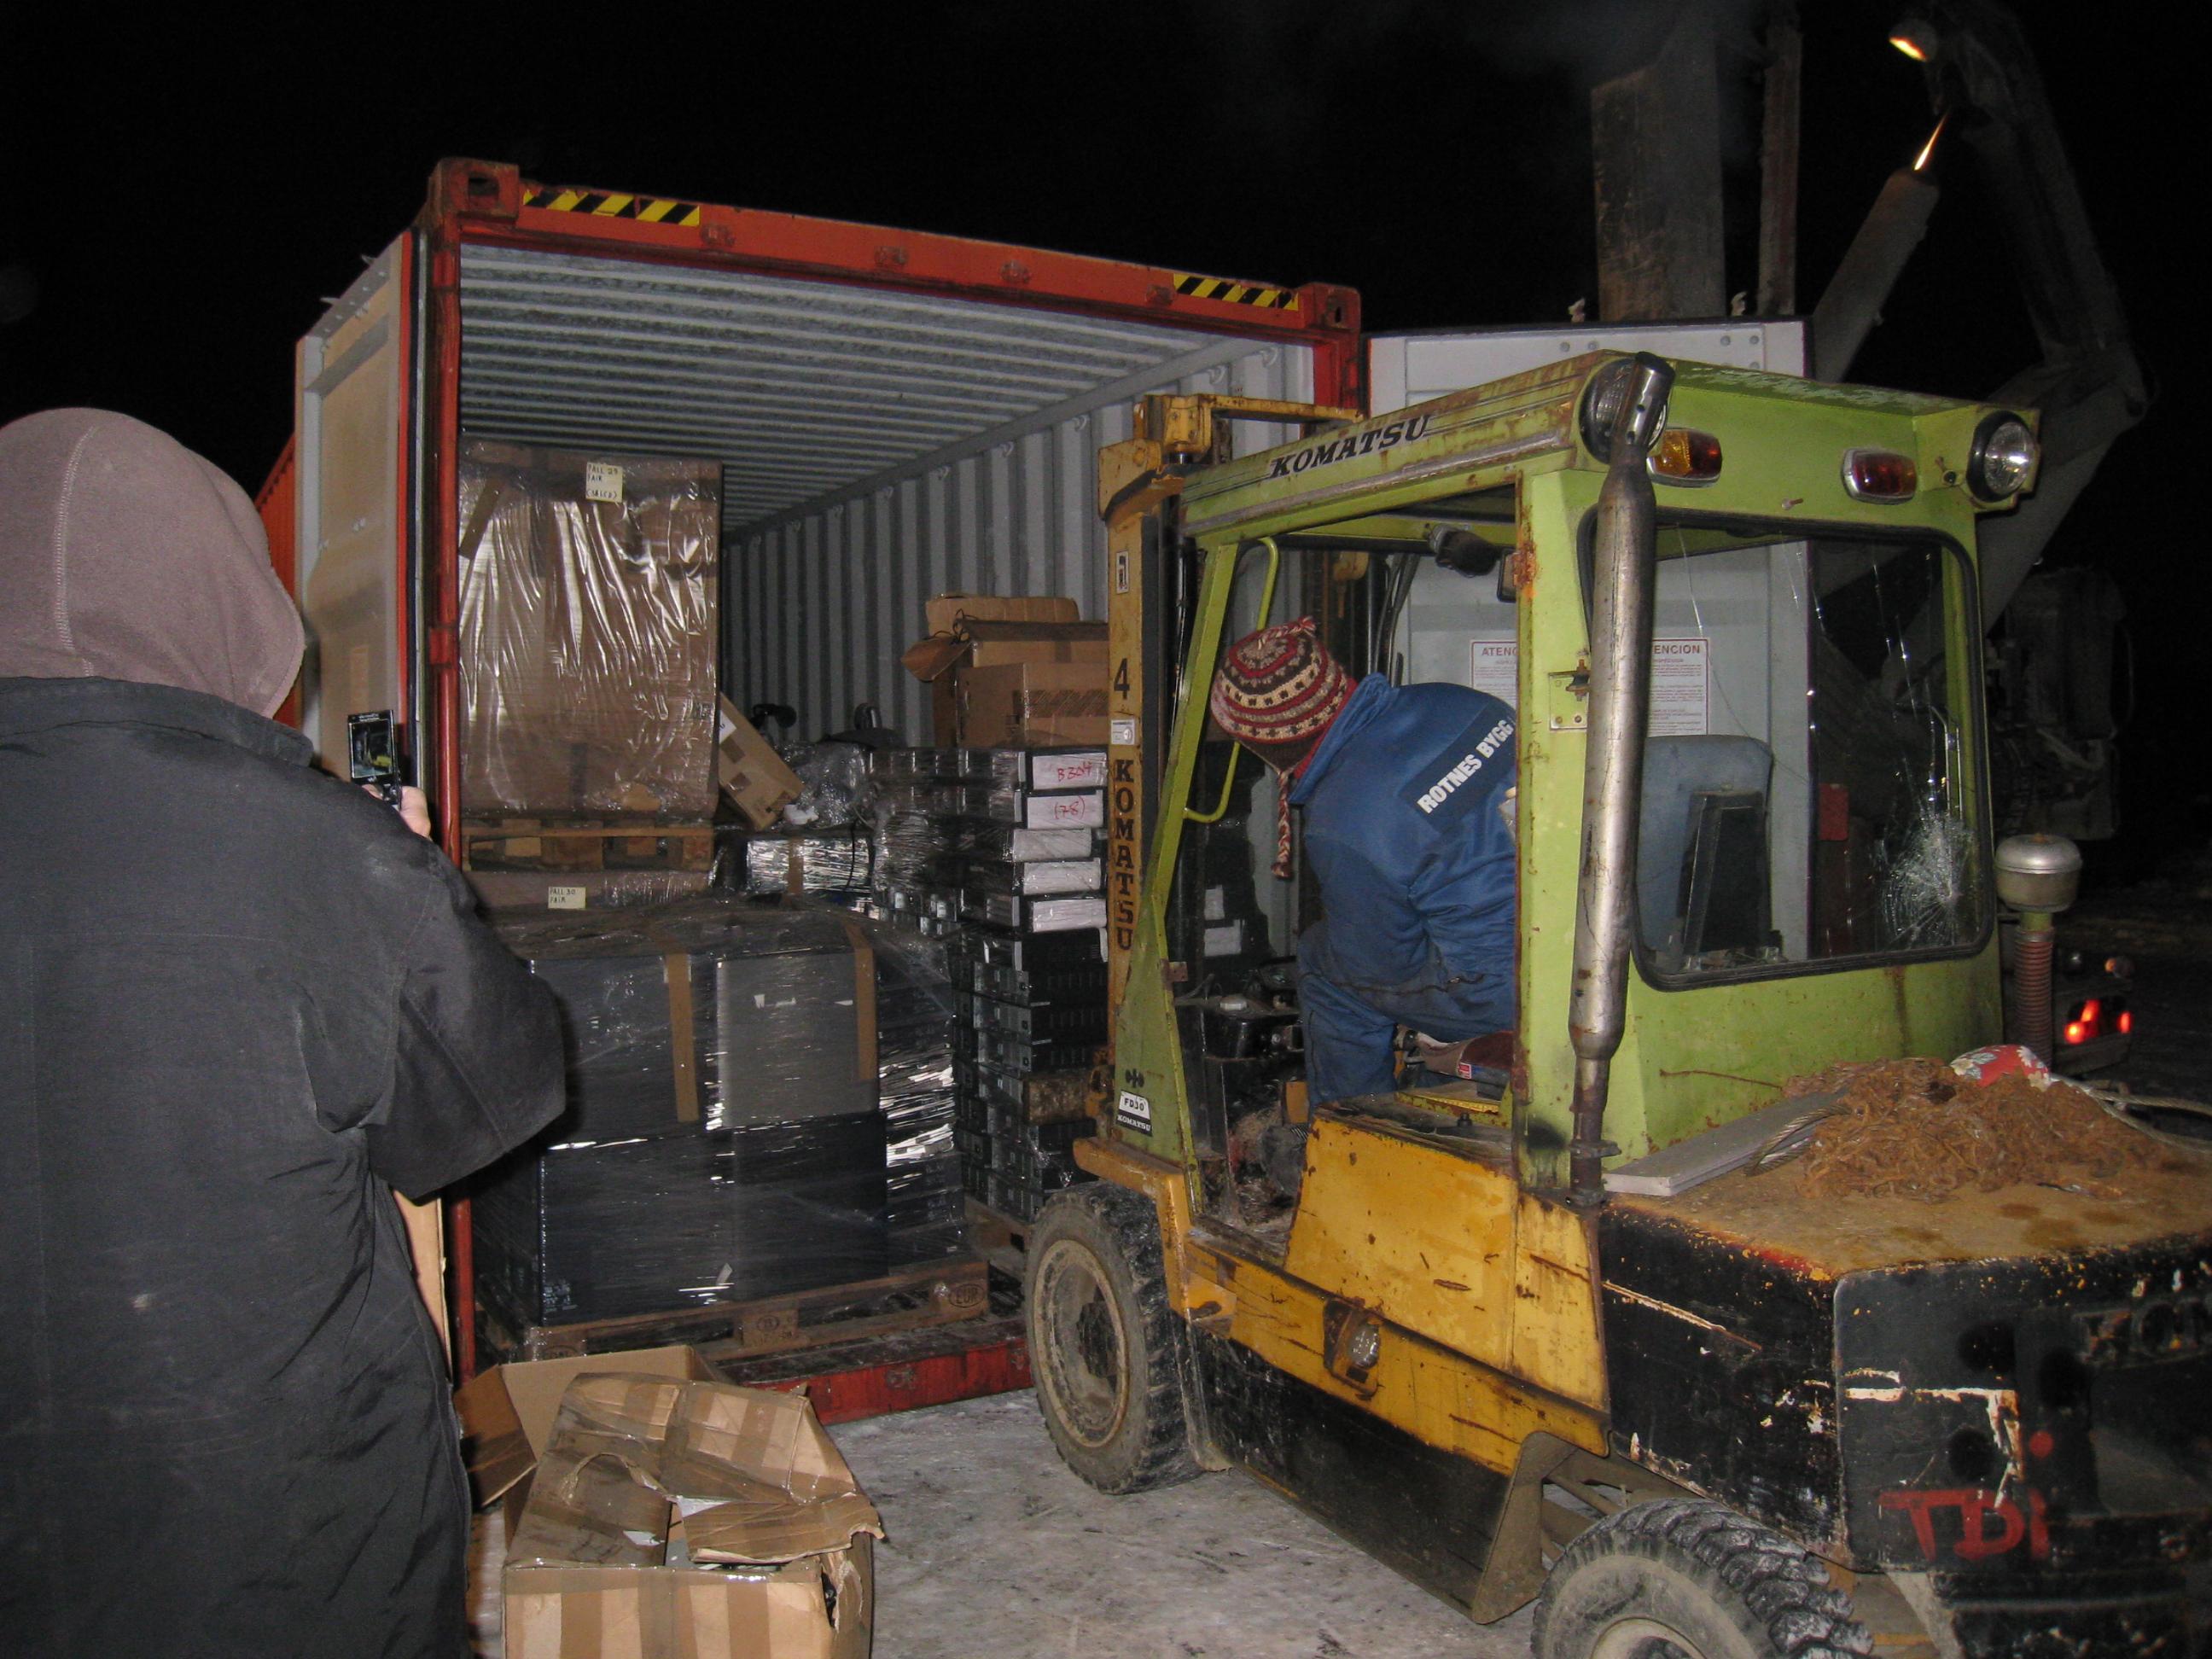 Bjarne fyller container 56 med utstyr